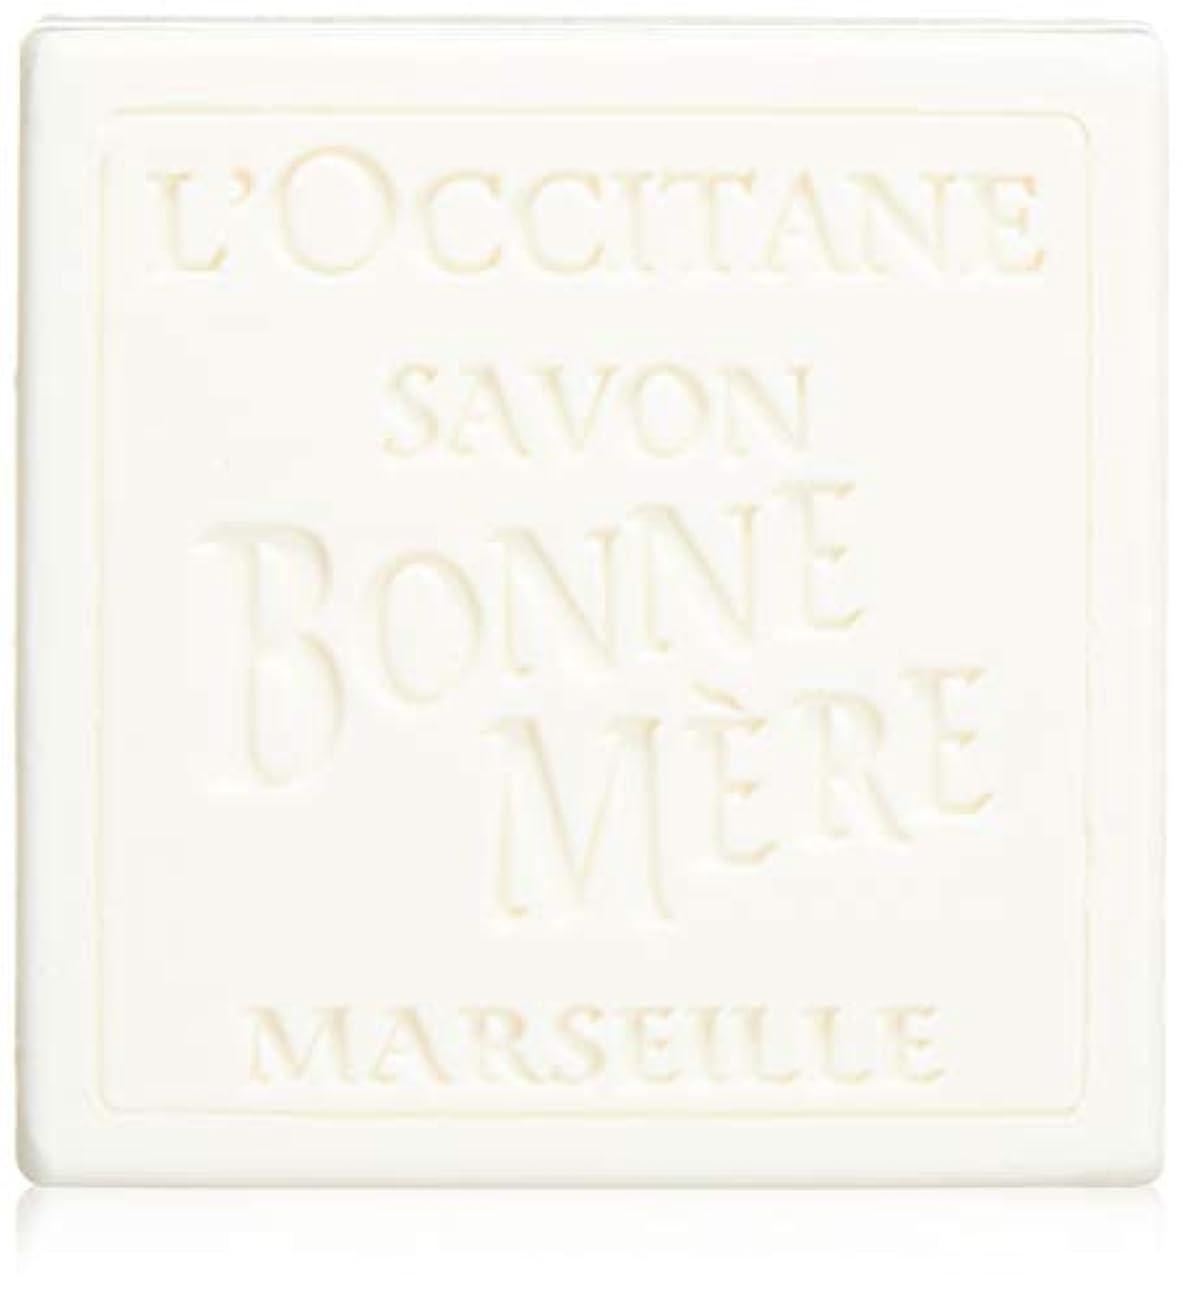 義務的コンチネンタルバストロクシタン(L'OCCITANE) ボンメールソープ ミルク 100g